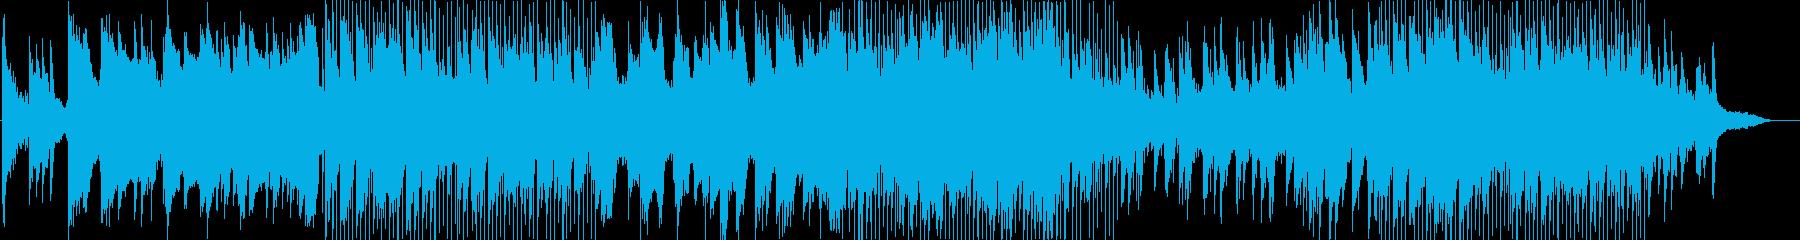 さわやかなピアノスムースジャズの再生済みの波形